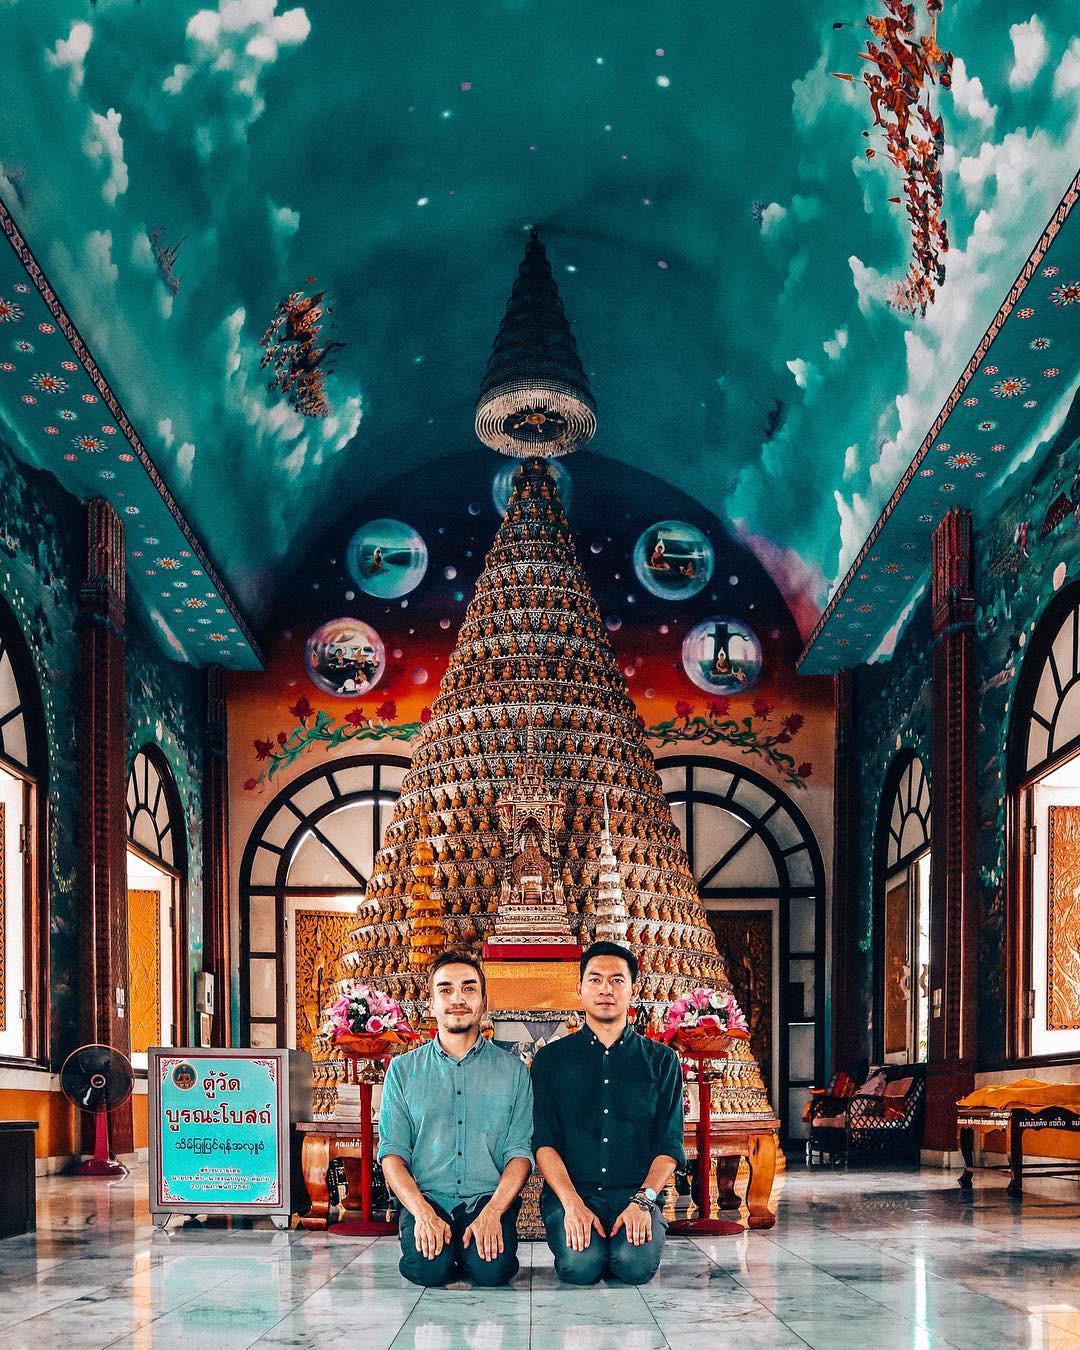 Thoạt nhìn cứ tưởng bối cảnh phim Hollywood nhưng hoá ra ngôi chùa này ở Thái lại hoàn toàn có thật! - Ảnh 12.